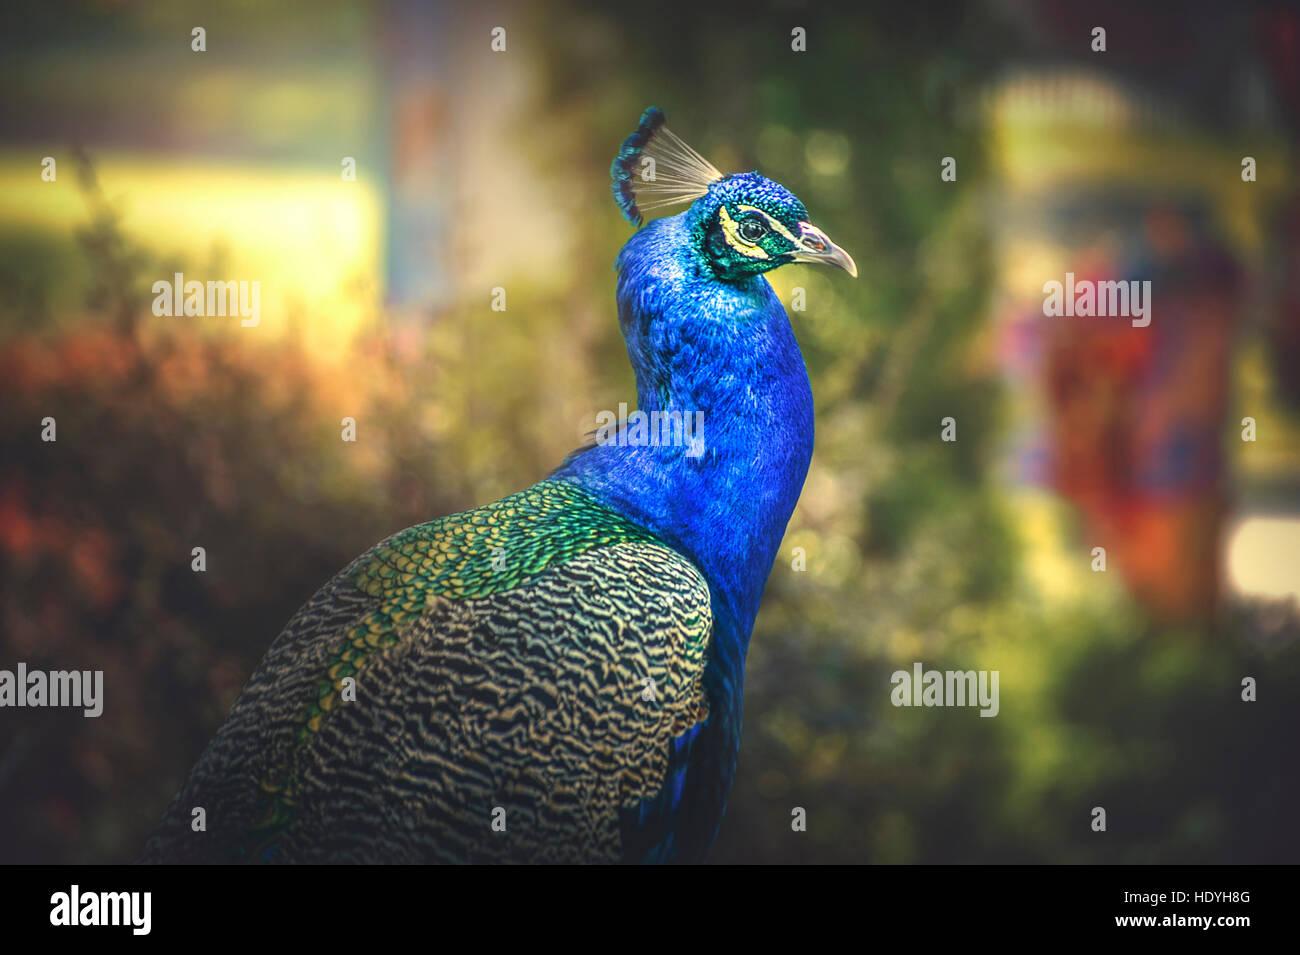 Bird,natura,peacock,colori,artistico Immagini Stock